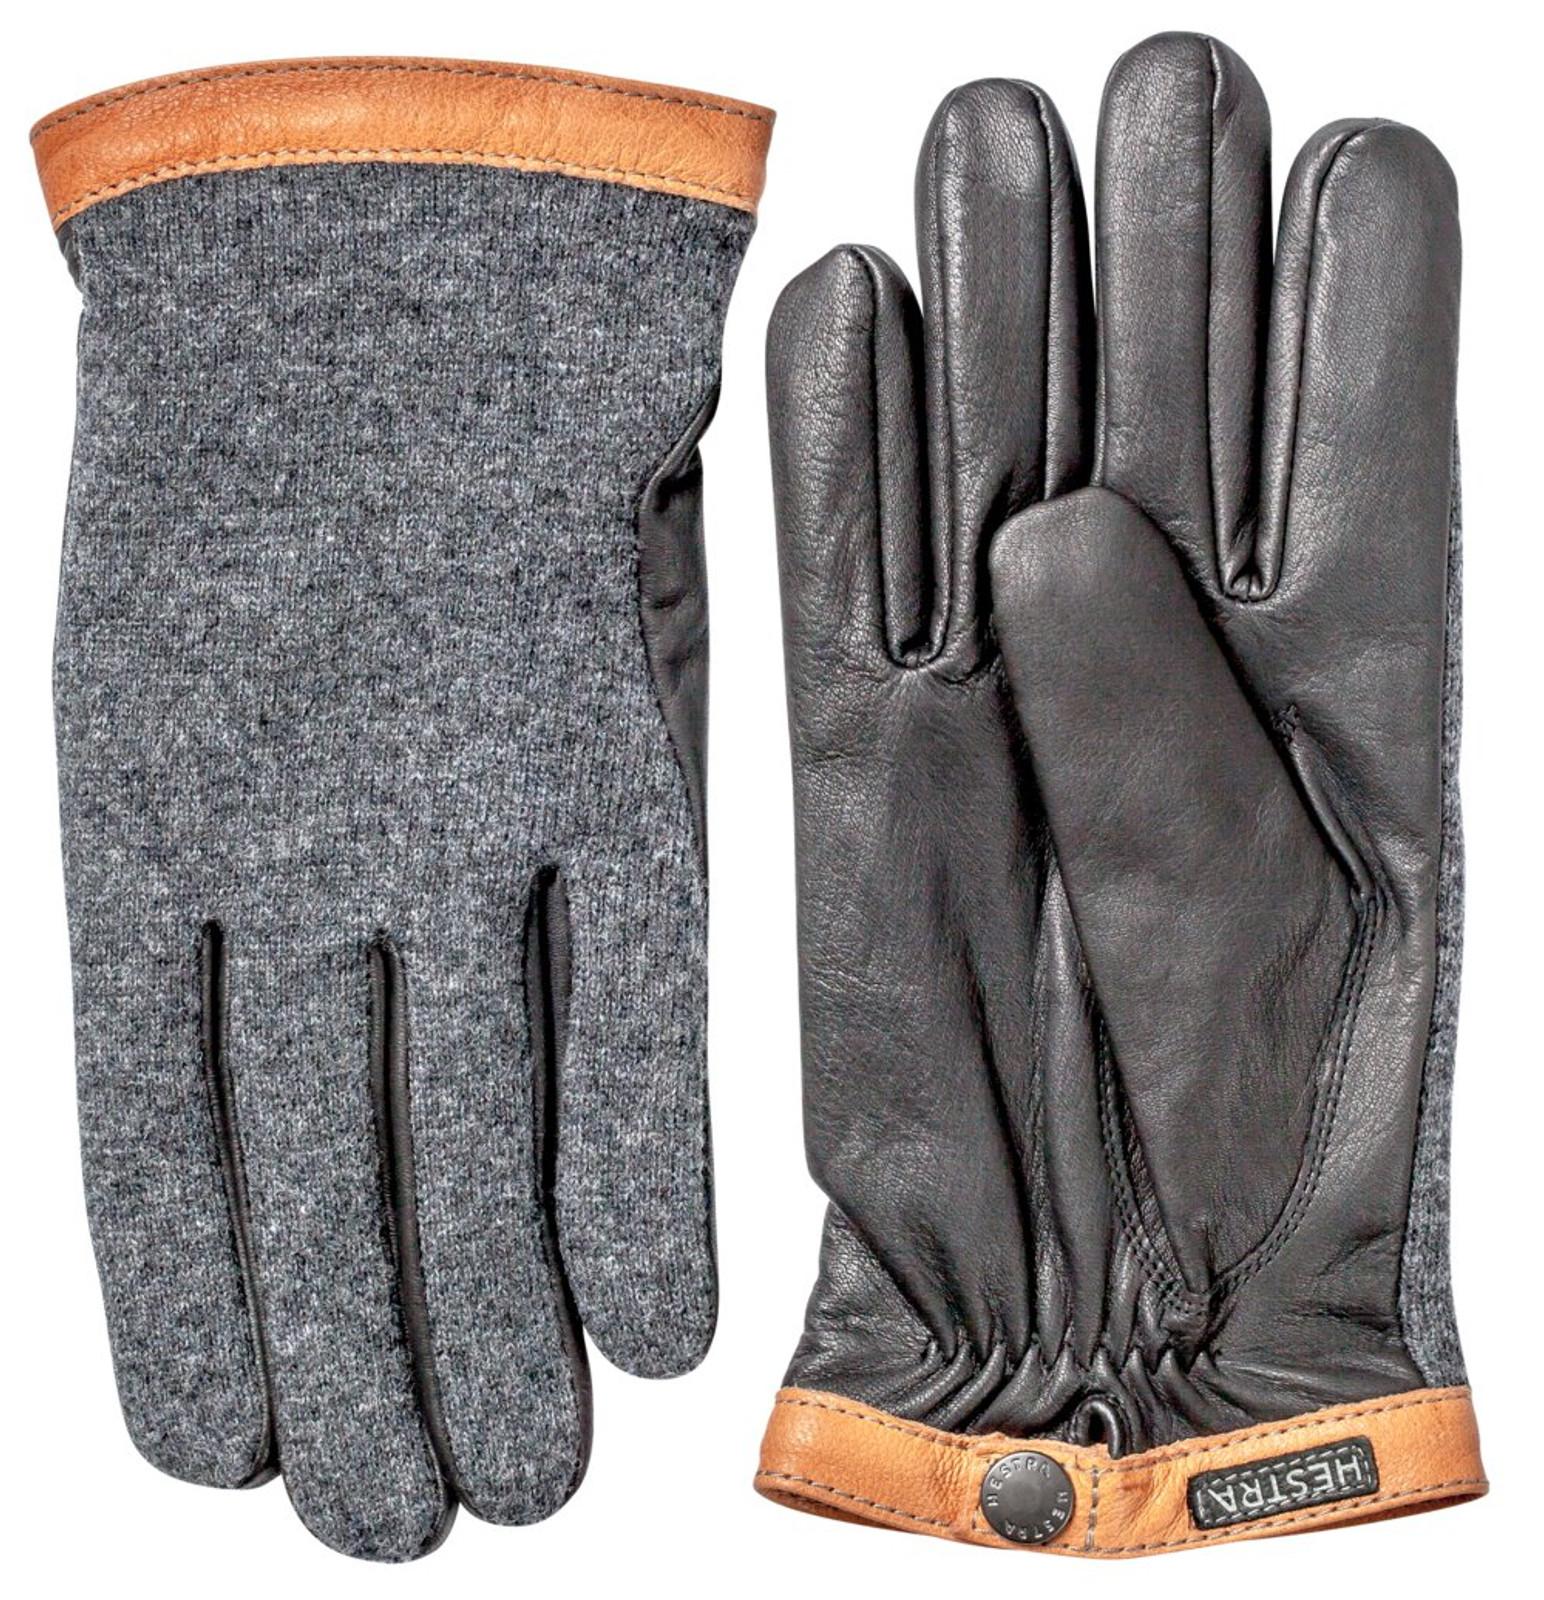 Hestra Deerskin Wool Tricot Unisex Gloves, Charcoal/Black (20450-390100)